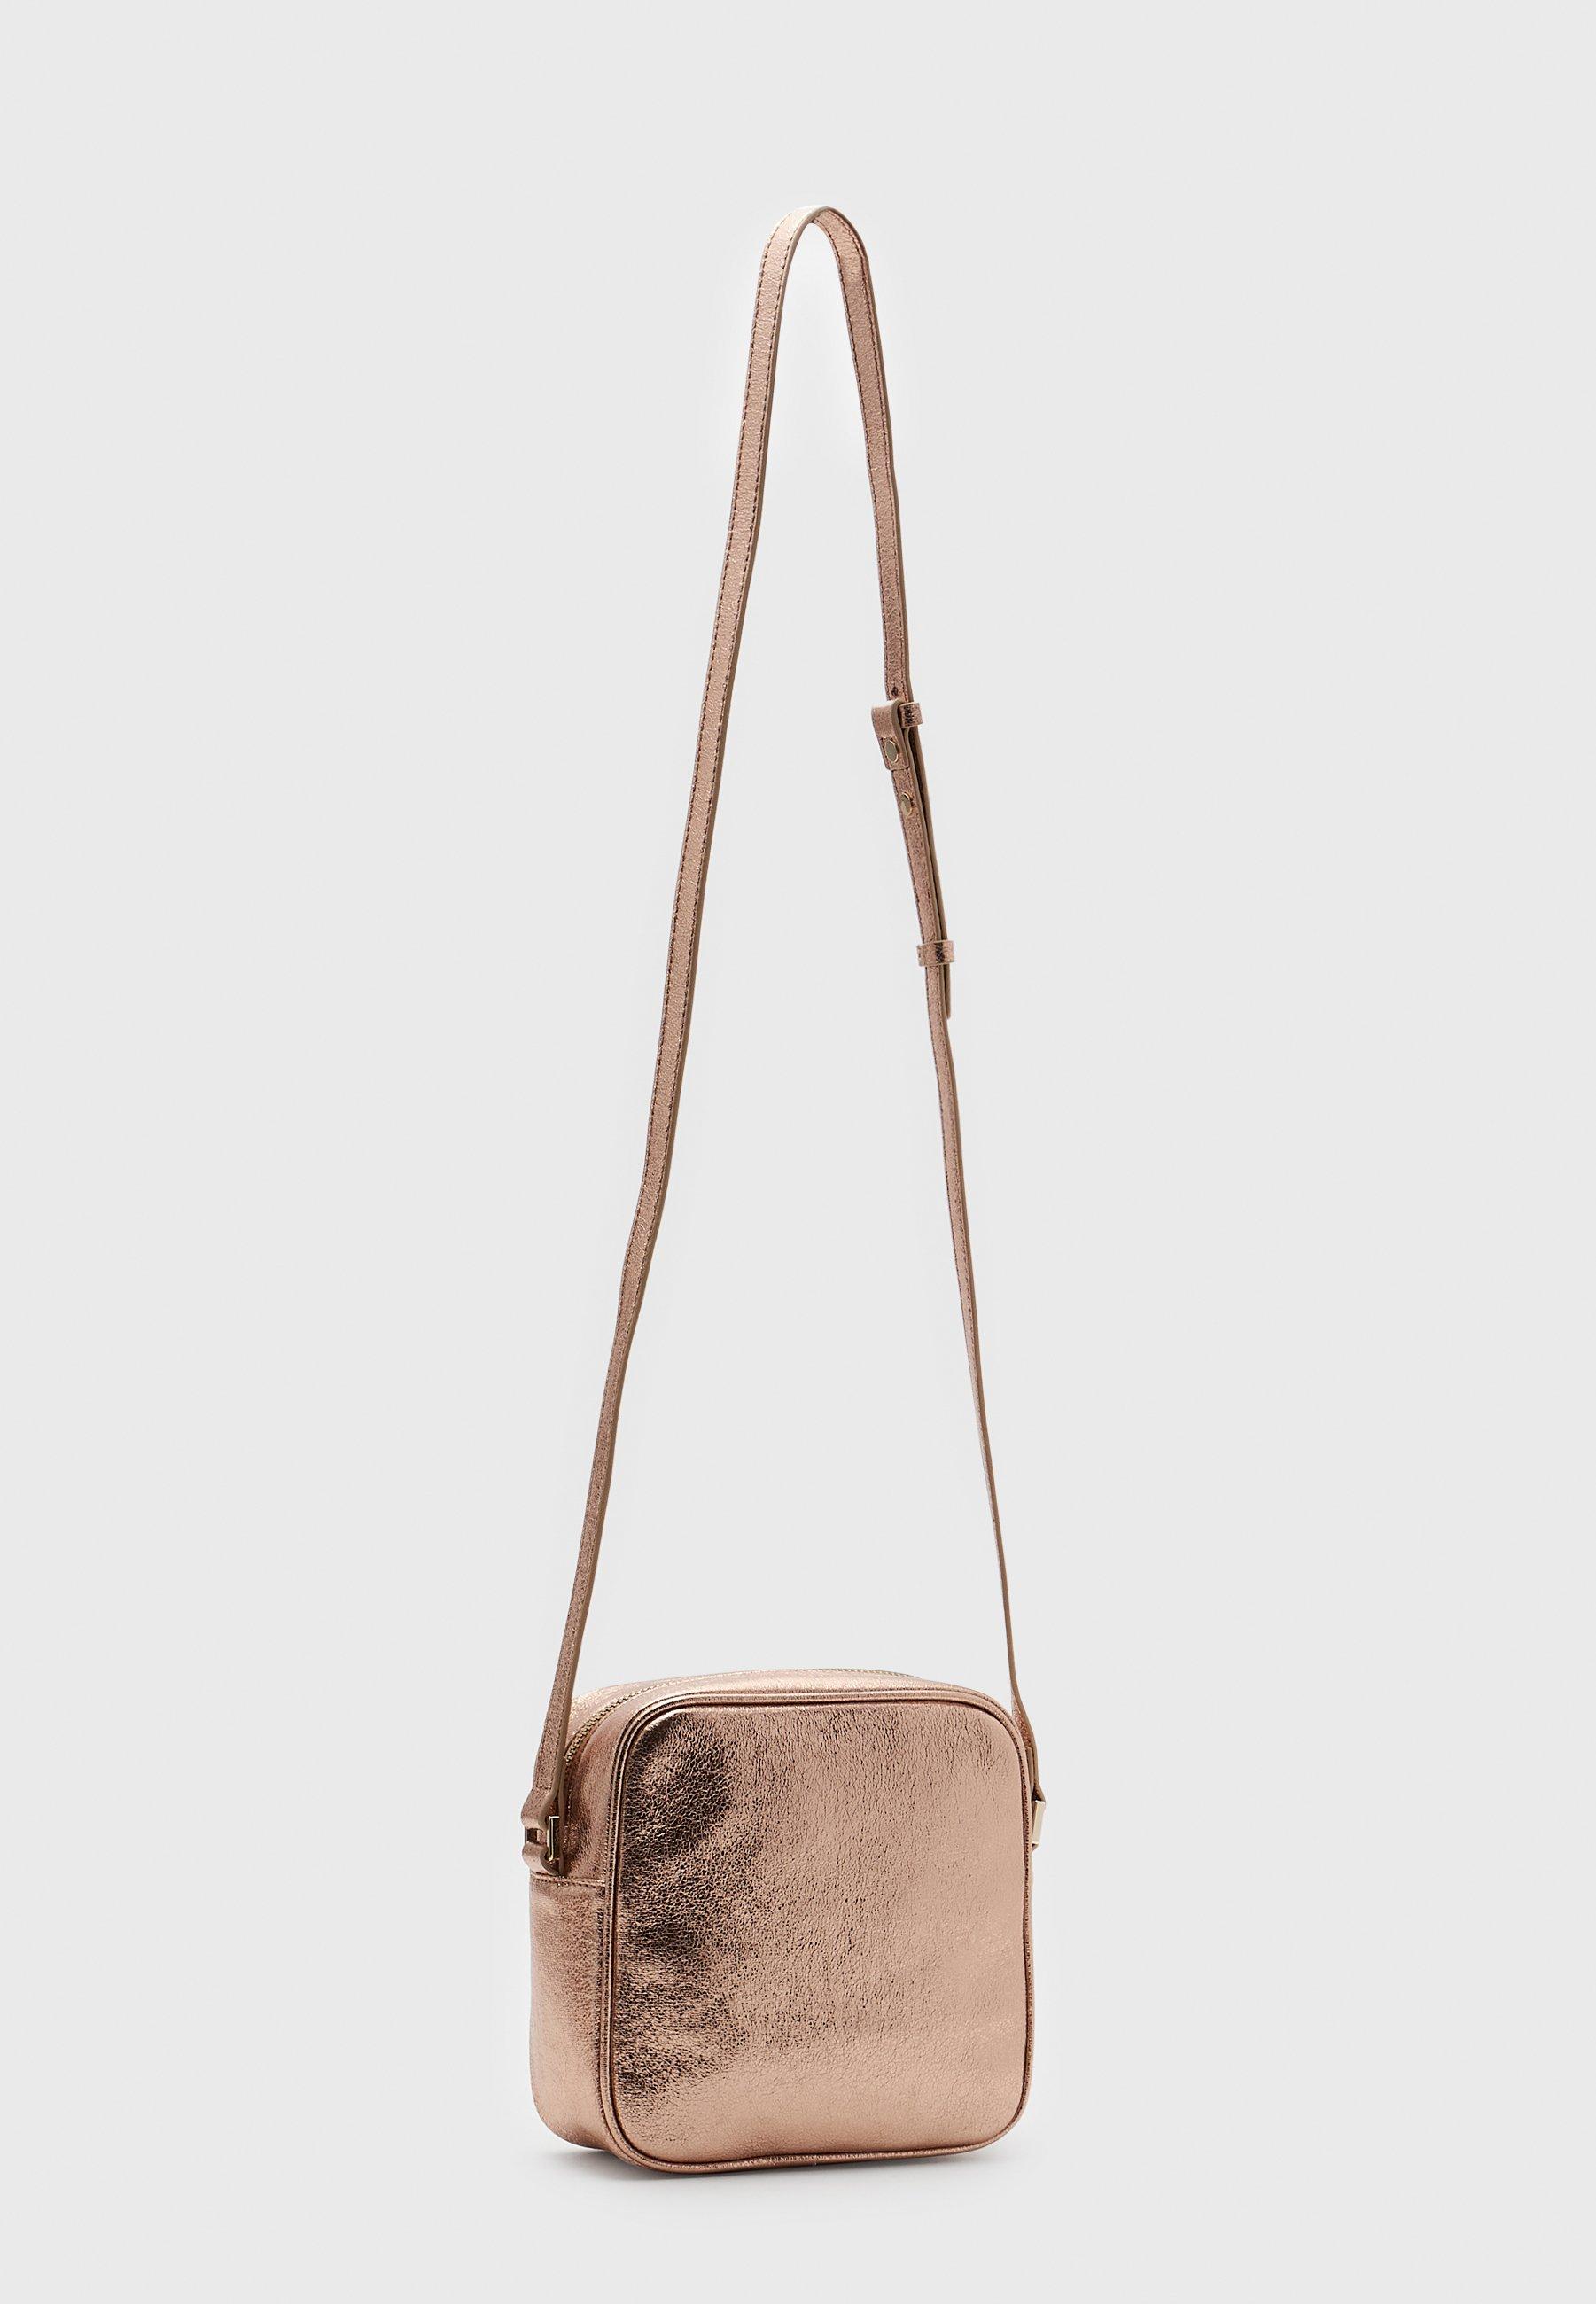 Damen SHOULDER BAG - Umhängetasche